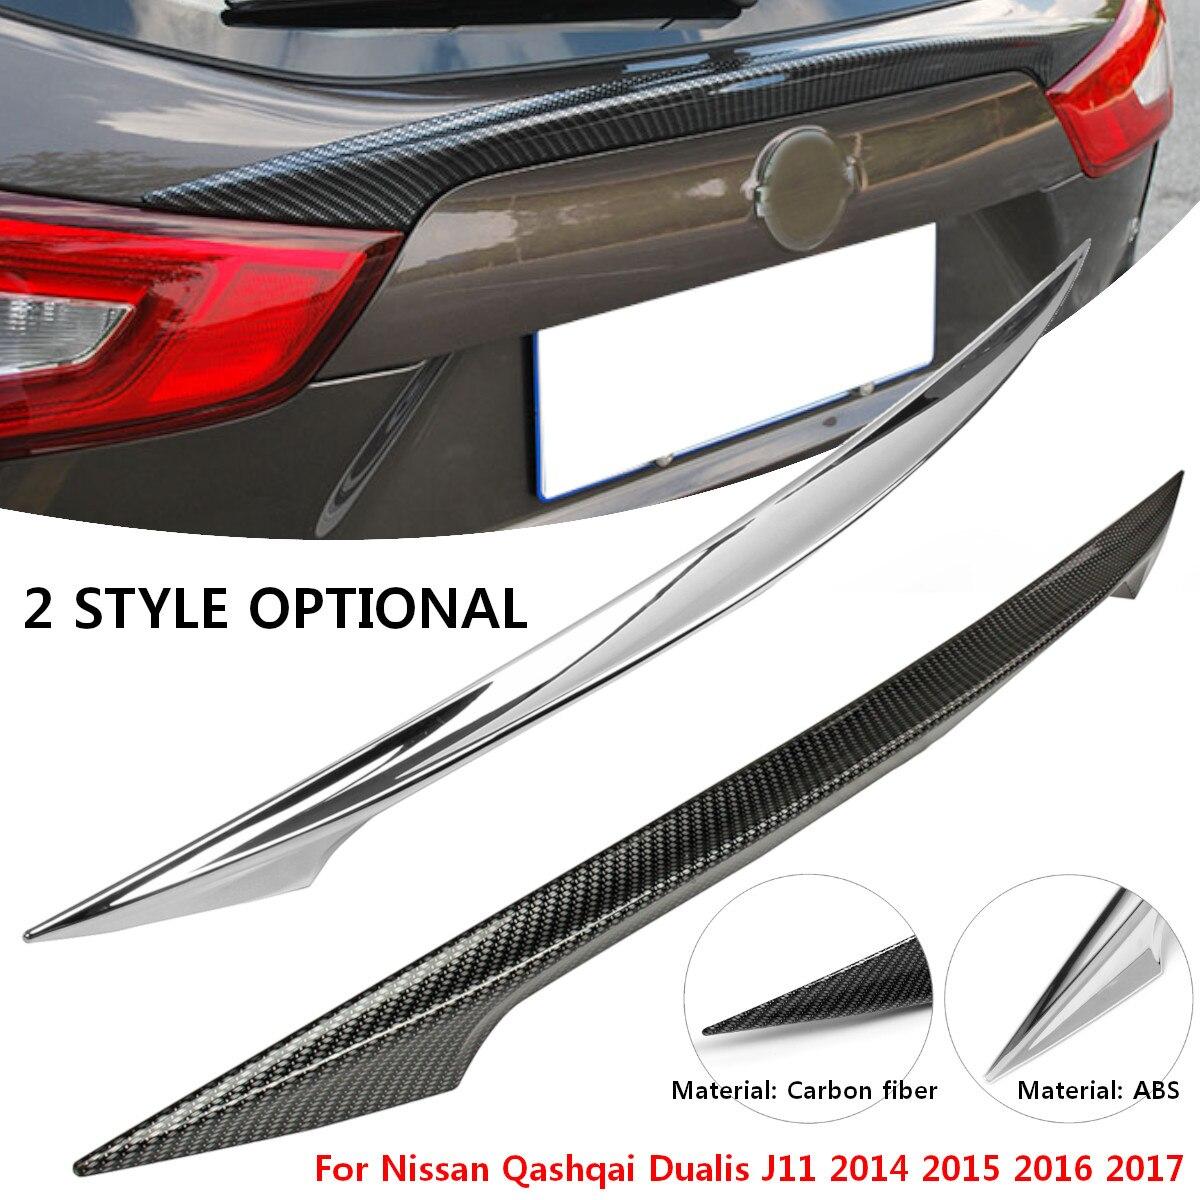 Garniture de porte arrière coffre de voiture arrière Spoiler couverture autocollant aile style pour Nissan Qashqai Dualis J11 2014 2015 2016 2017